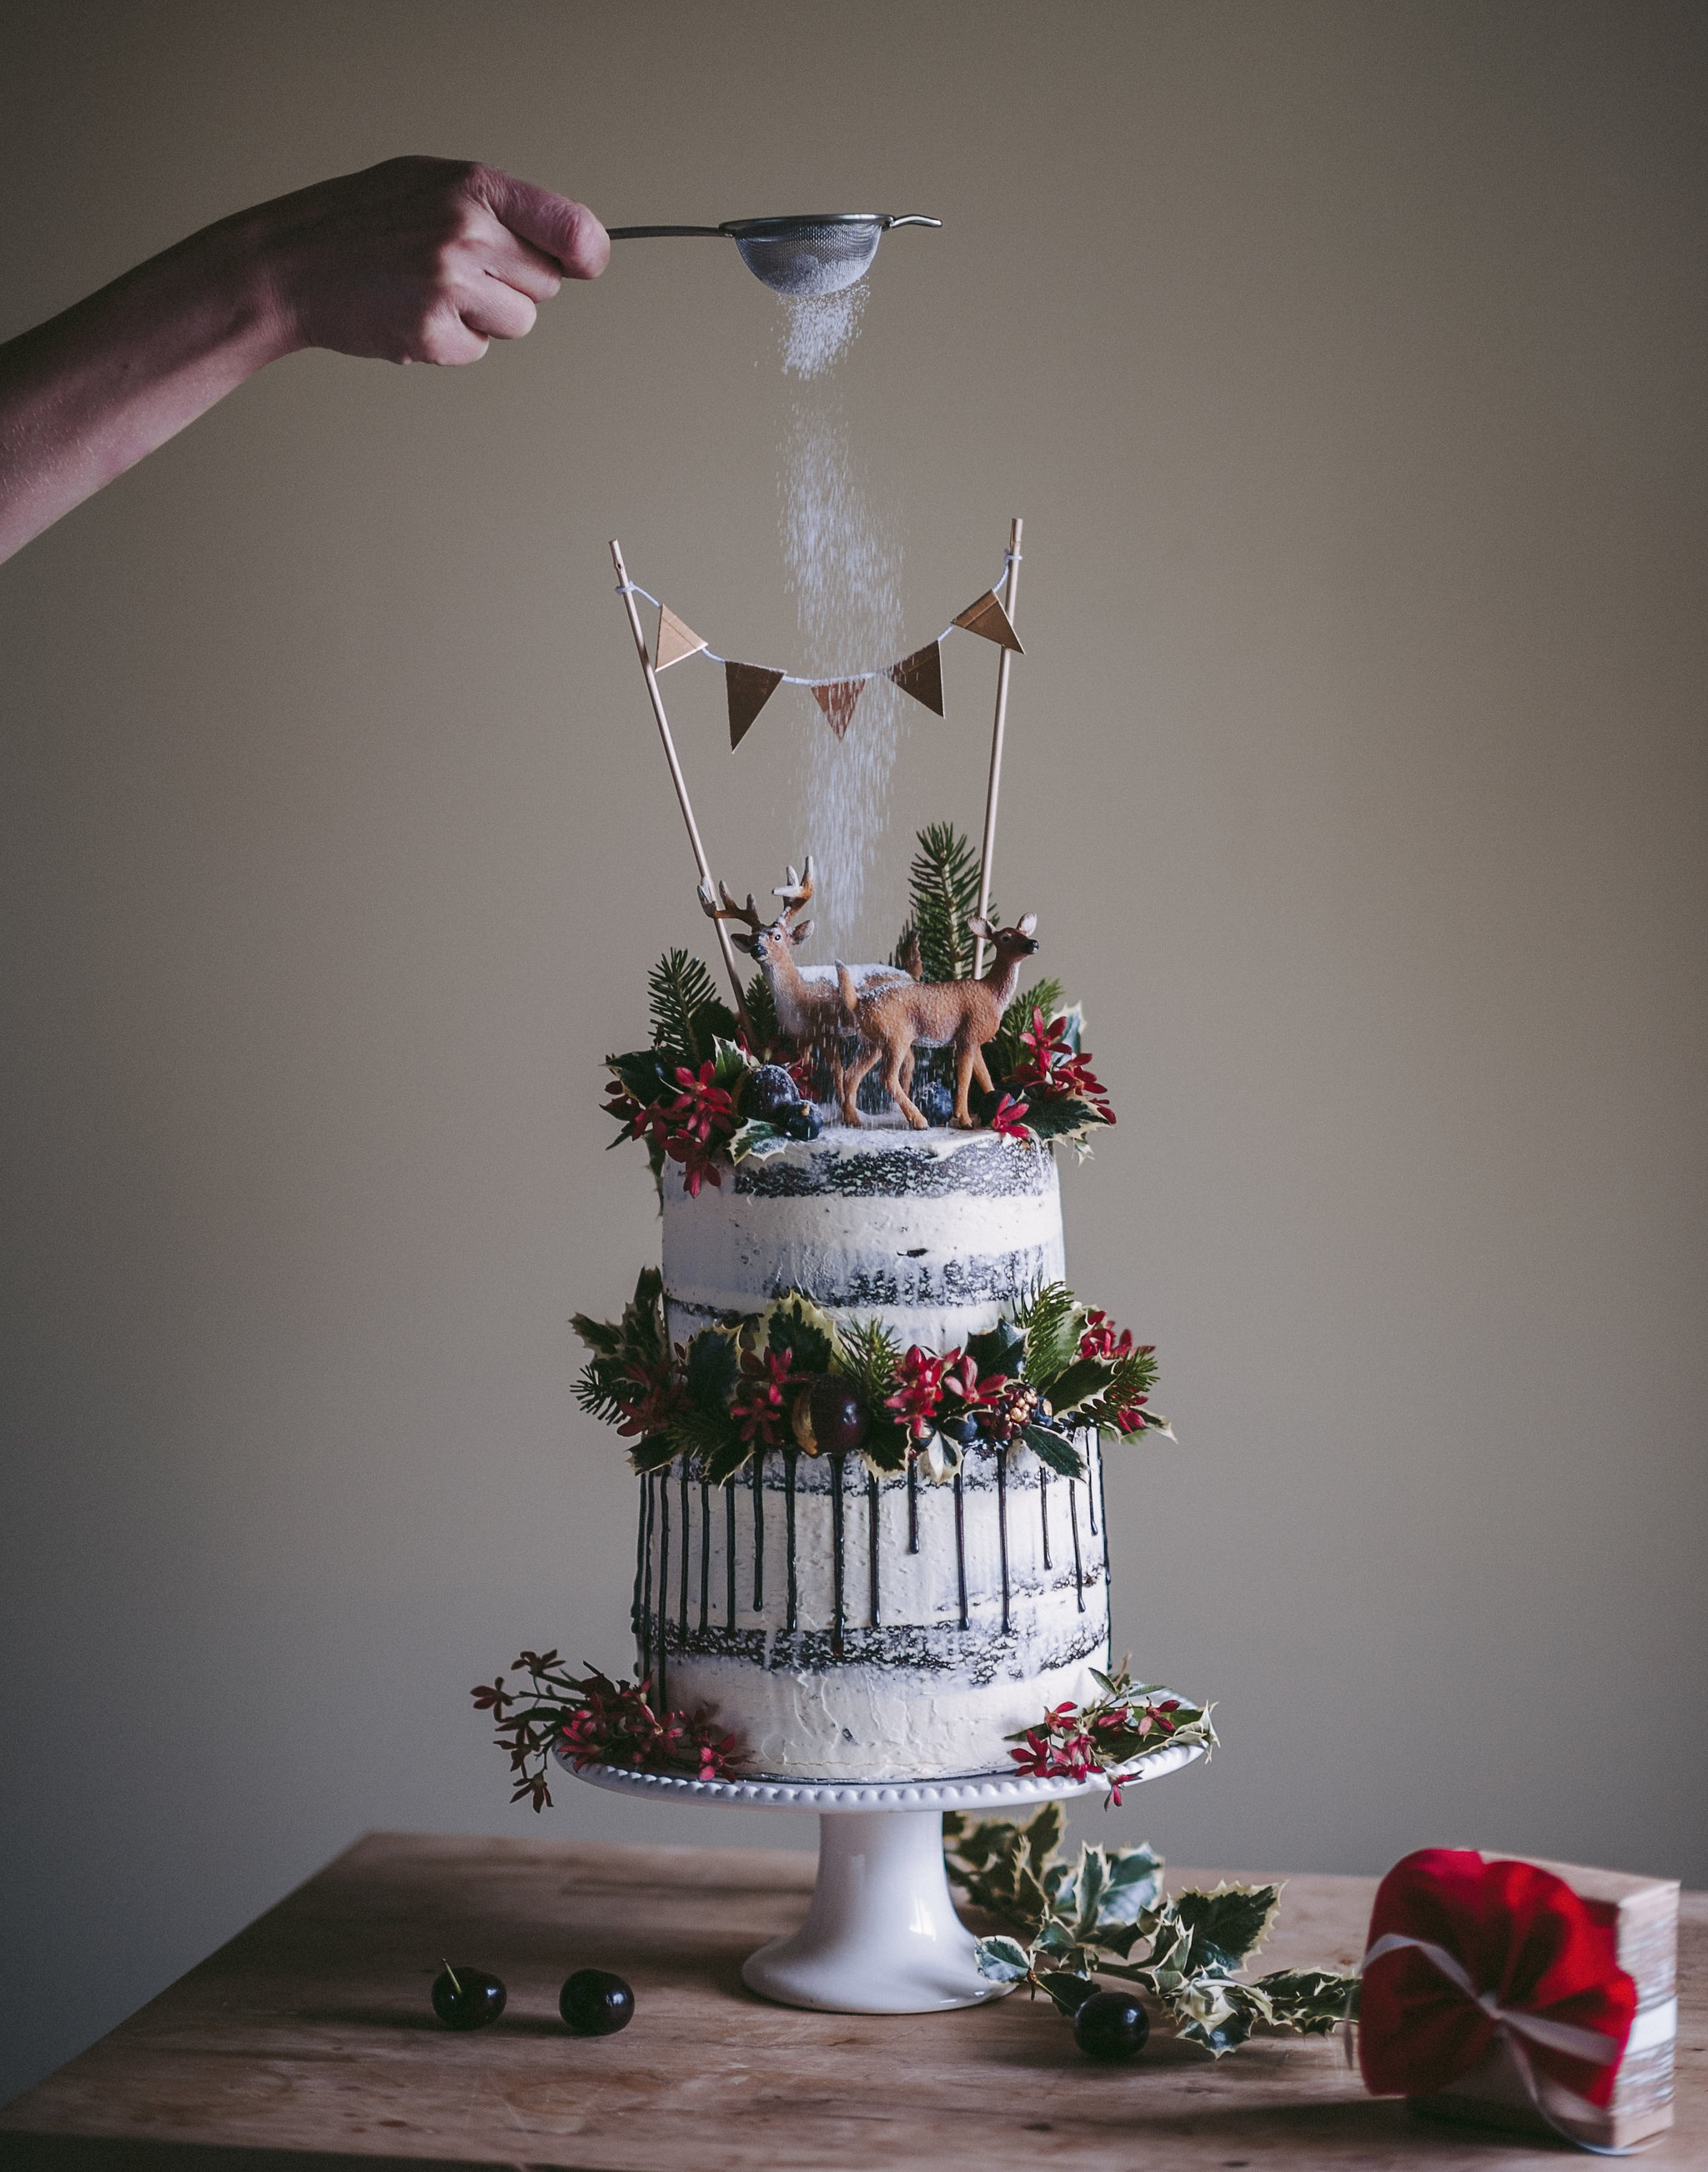 cherry-cakes-xmas-009 (1).jpg